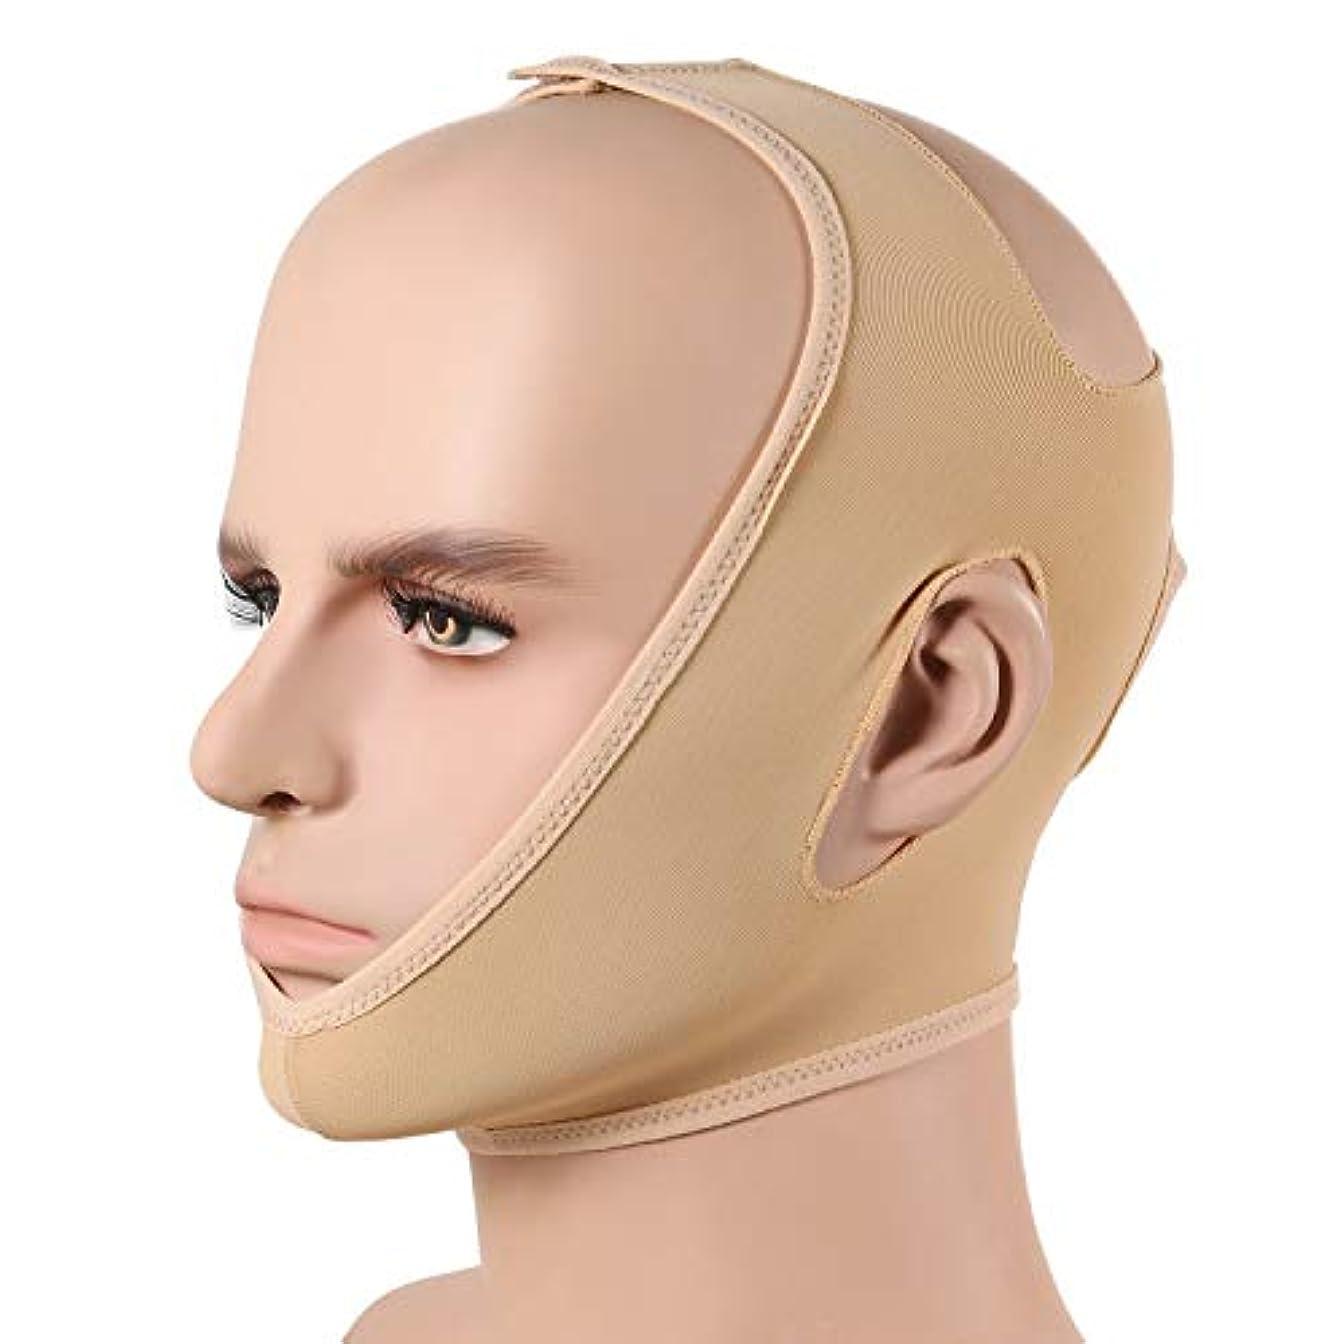 悲しむ表向きグラマーWSJTT スリミングベルト、顔の頬のV形状のリフティングフェイスは薄いマスクストラップフェイスラインは通気性の圧縮二重あごスムースリフトアップ包帯チンはアンチリンクルストラップ、Vフェイスラインスリムアップマスクを持ち...